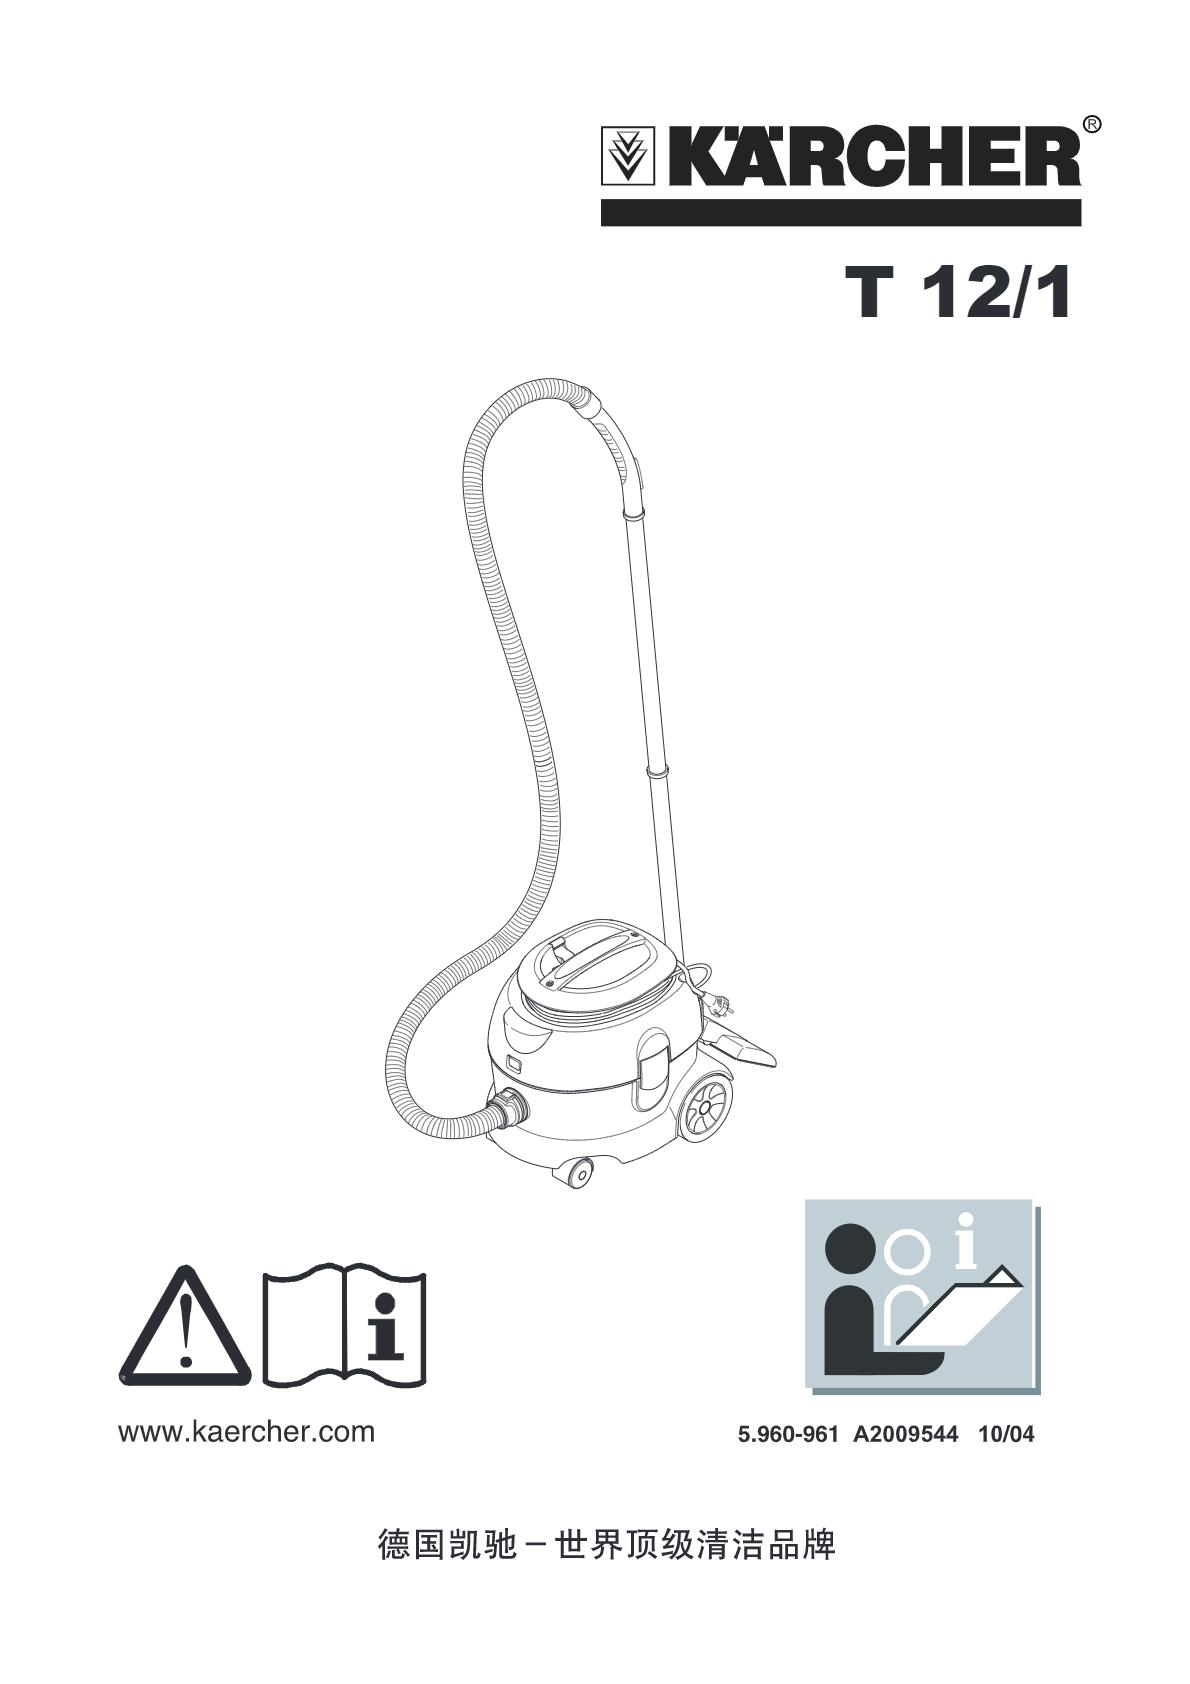 干式真空吸尘器 T 12/1 说明书说明书下载